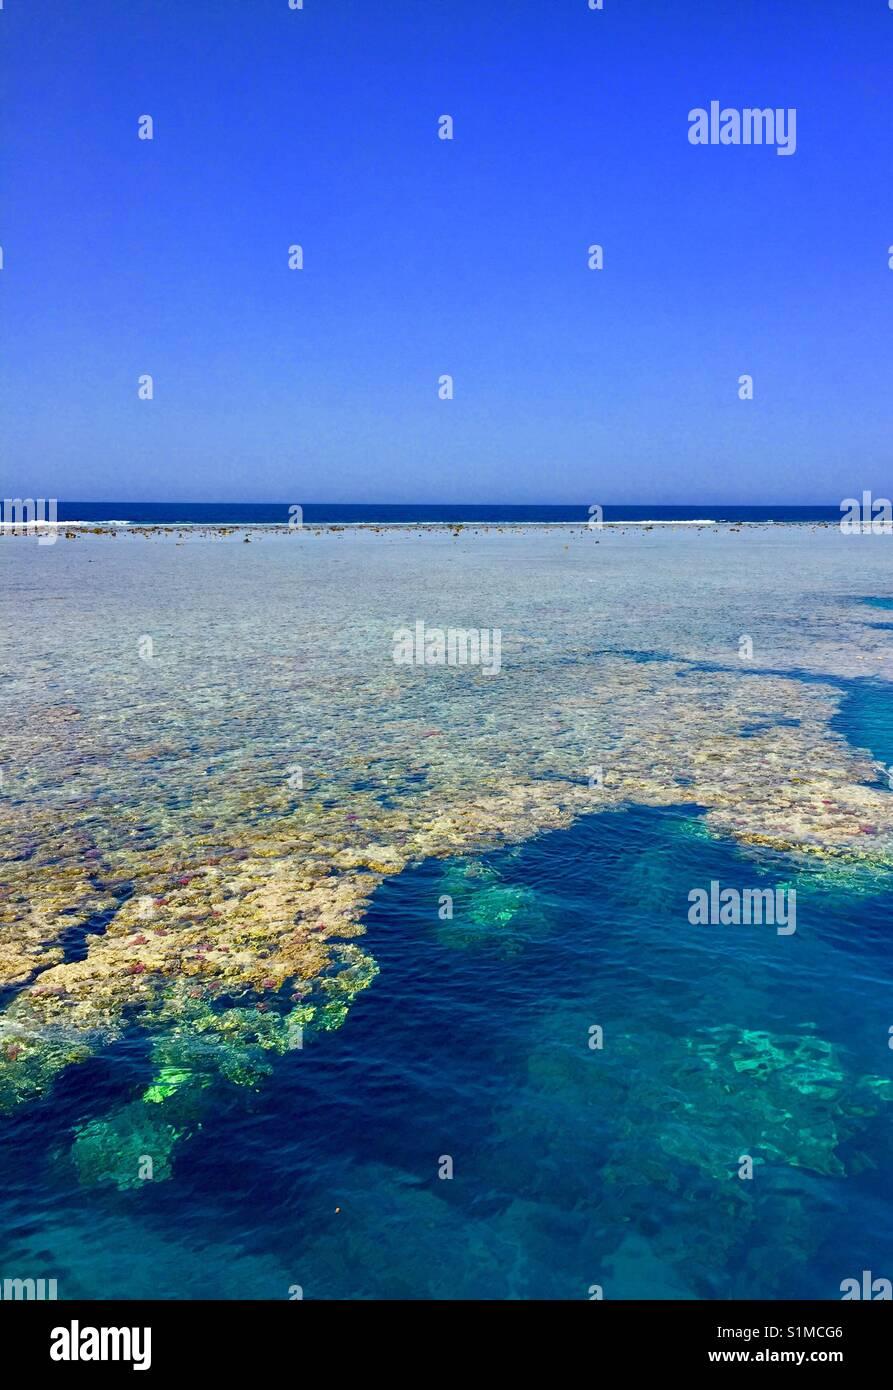 Mare blu con magnifiche barriere coralline , Marsa Allam , Egitto Immagini Stock